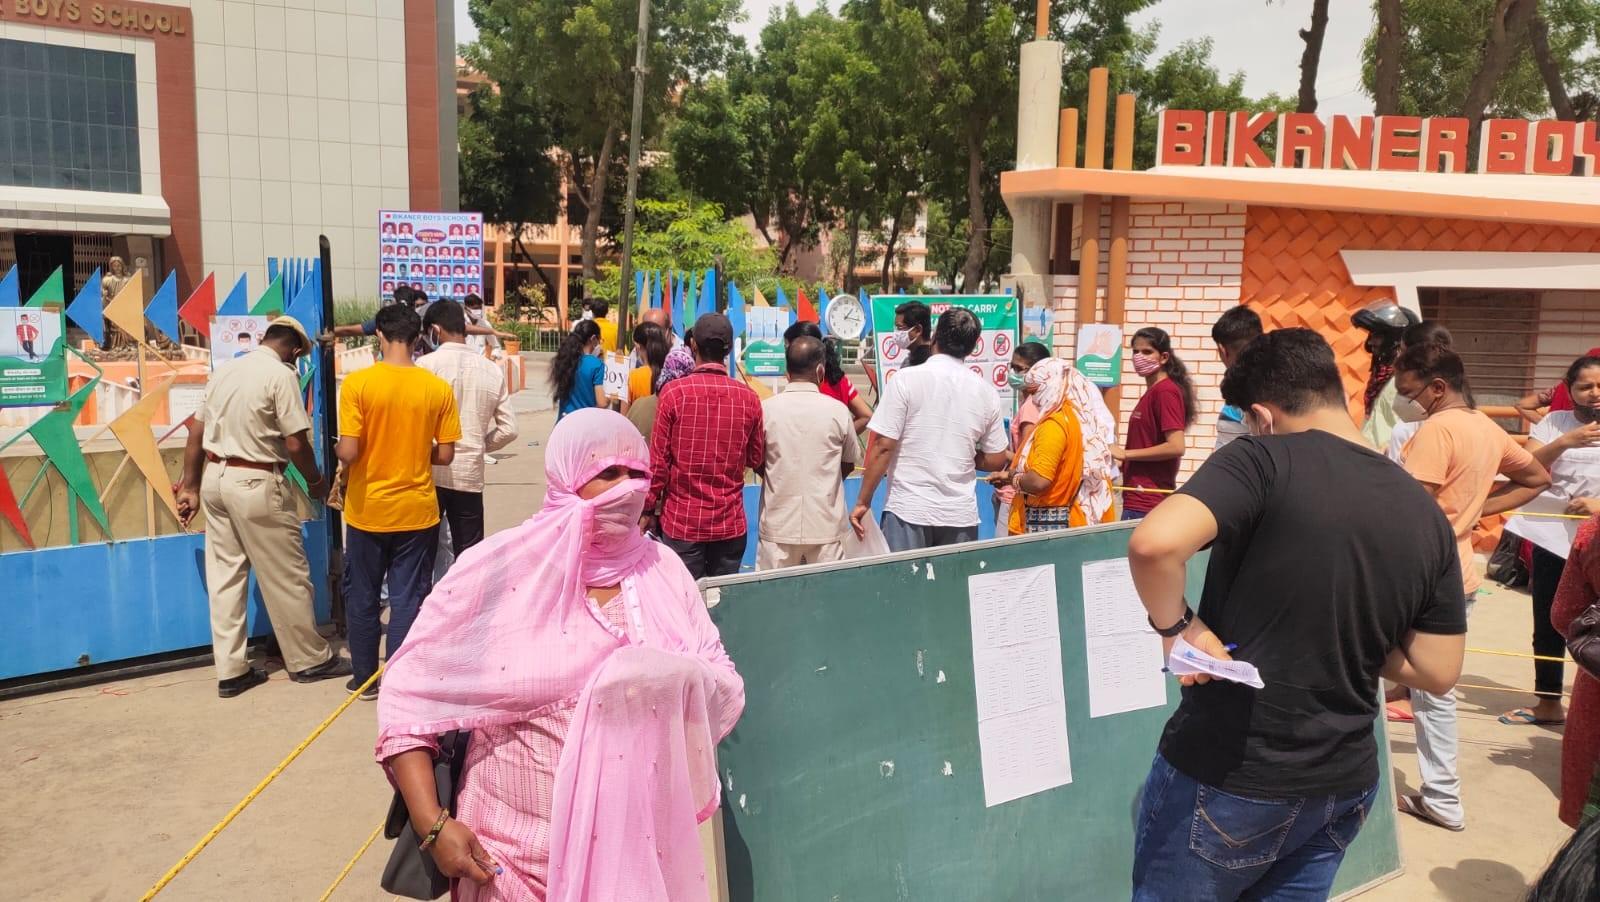 बीबीएस स्कूल के आगे पेरेंट्स बच्चों का इंतजार करते हुए। - Dainik Bhaskar